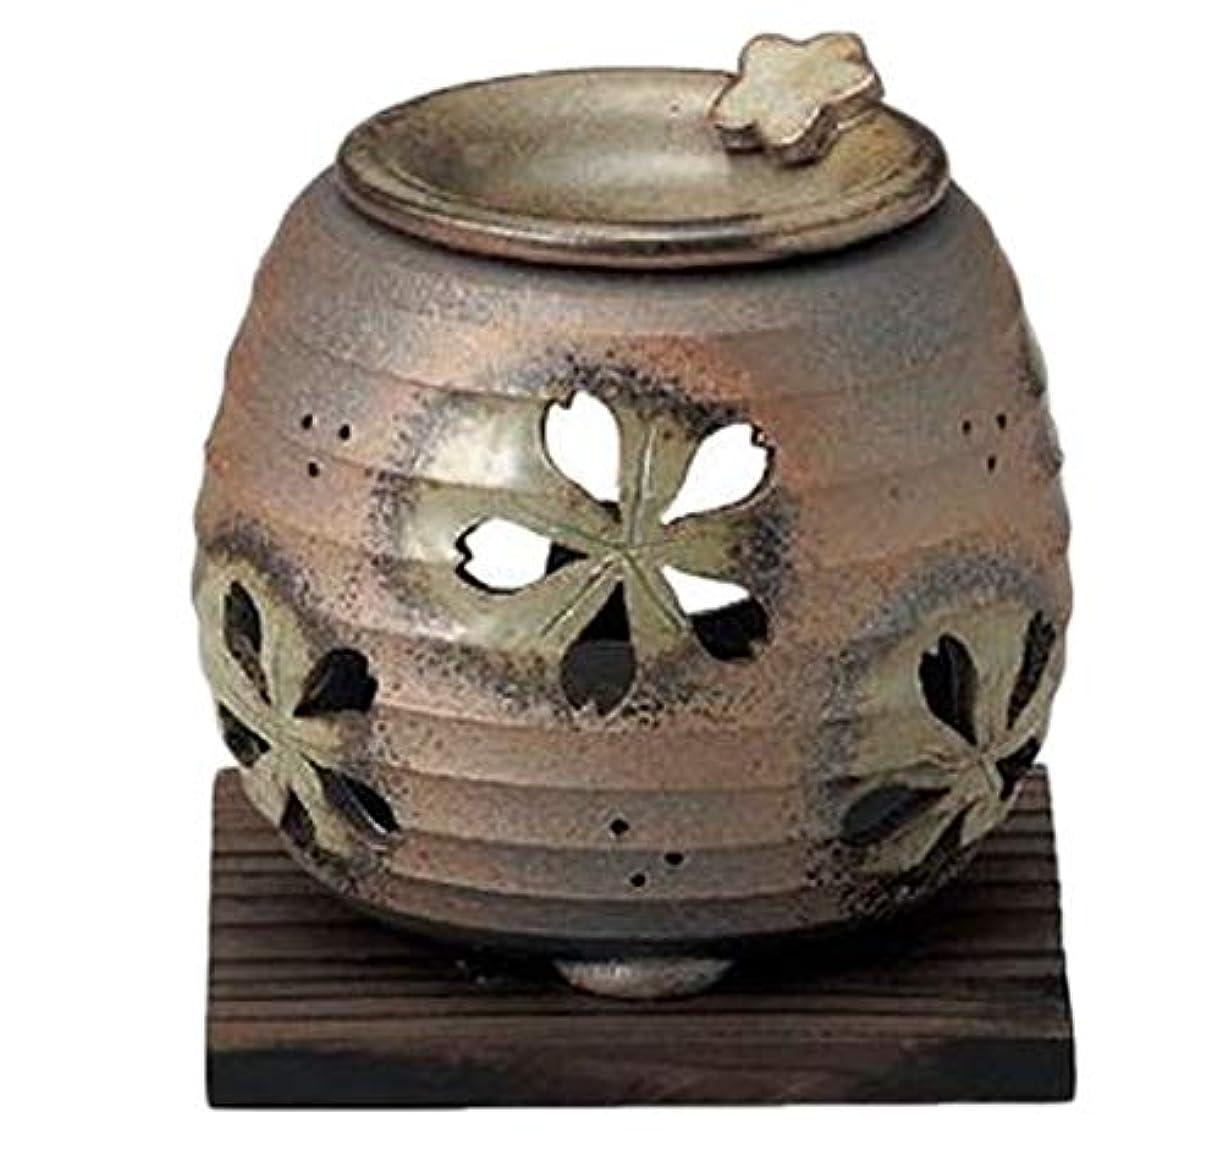 しみ完璧膨らみ常滑焼 6-249 石龍緑灰釉桜透かし茶香炉 石龍φ11×H11㎝